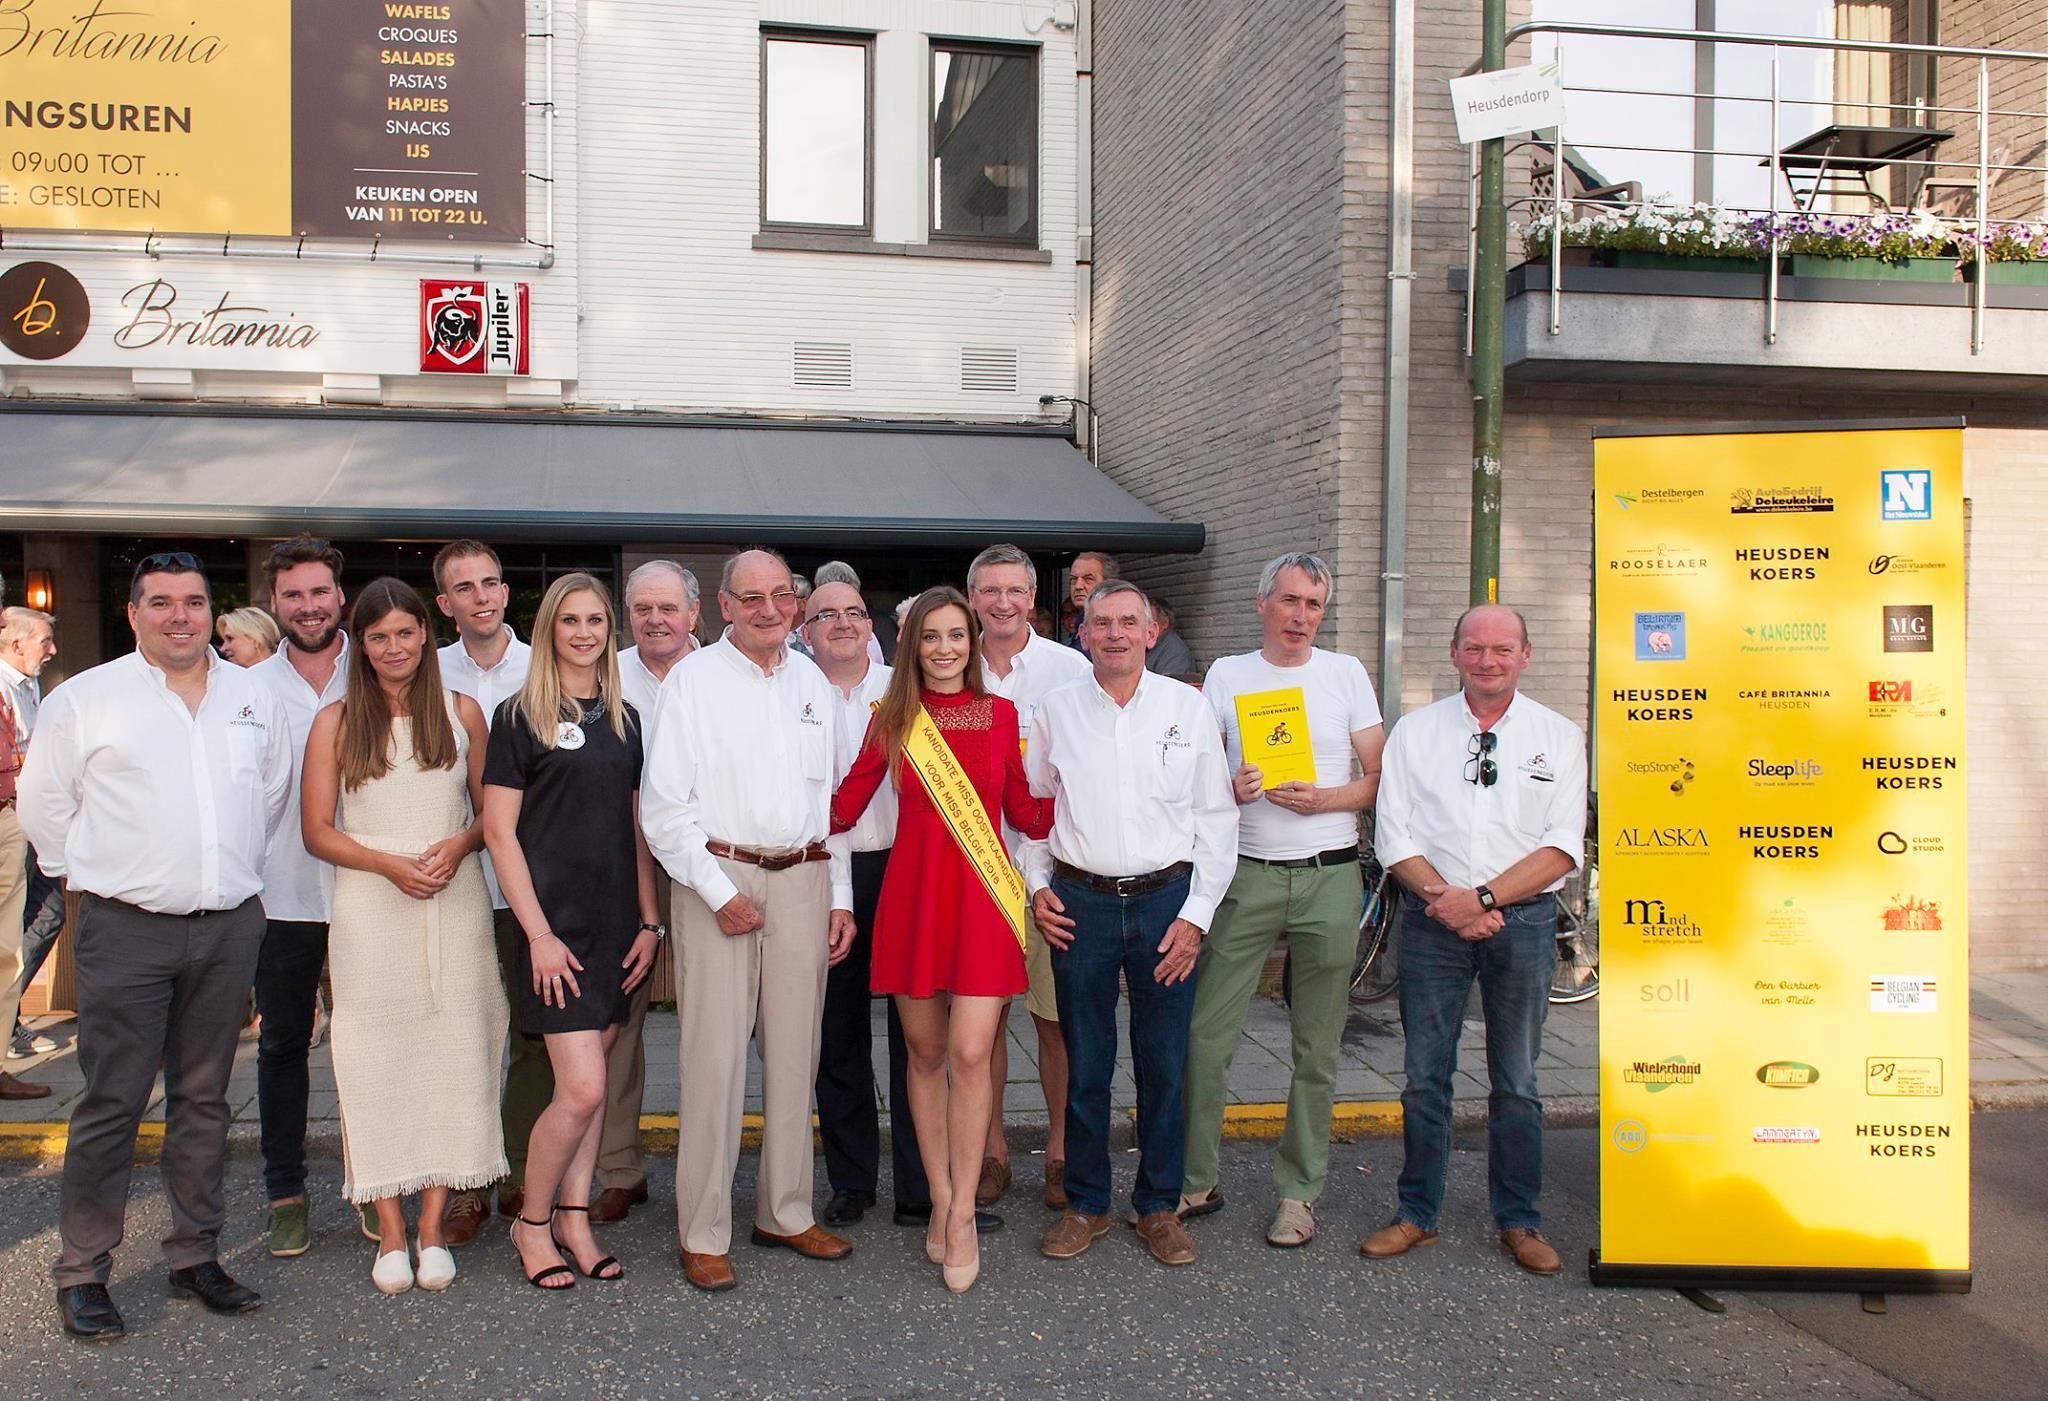 De Heusdenkoers 'bende', met uitzondering van de kandidate Miss Oost-Vlaanderen